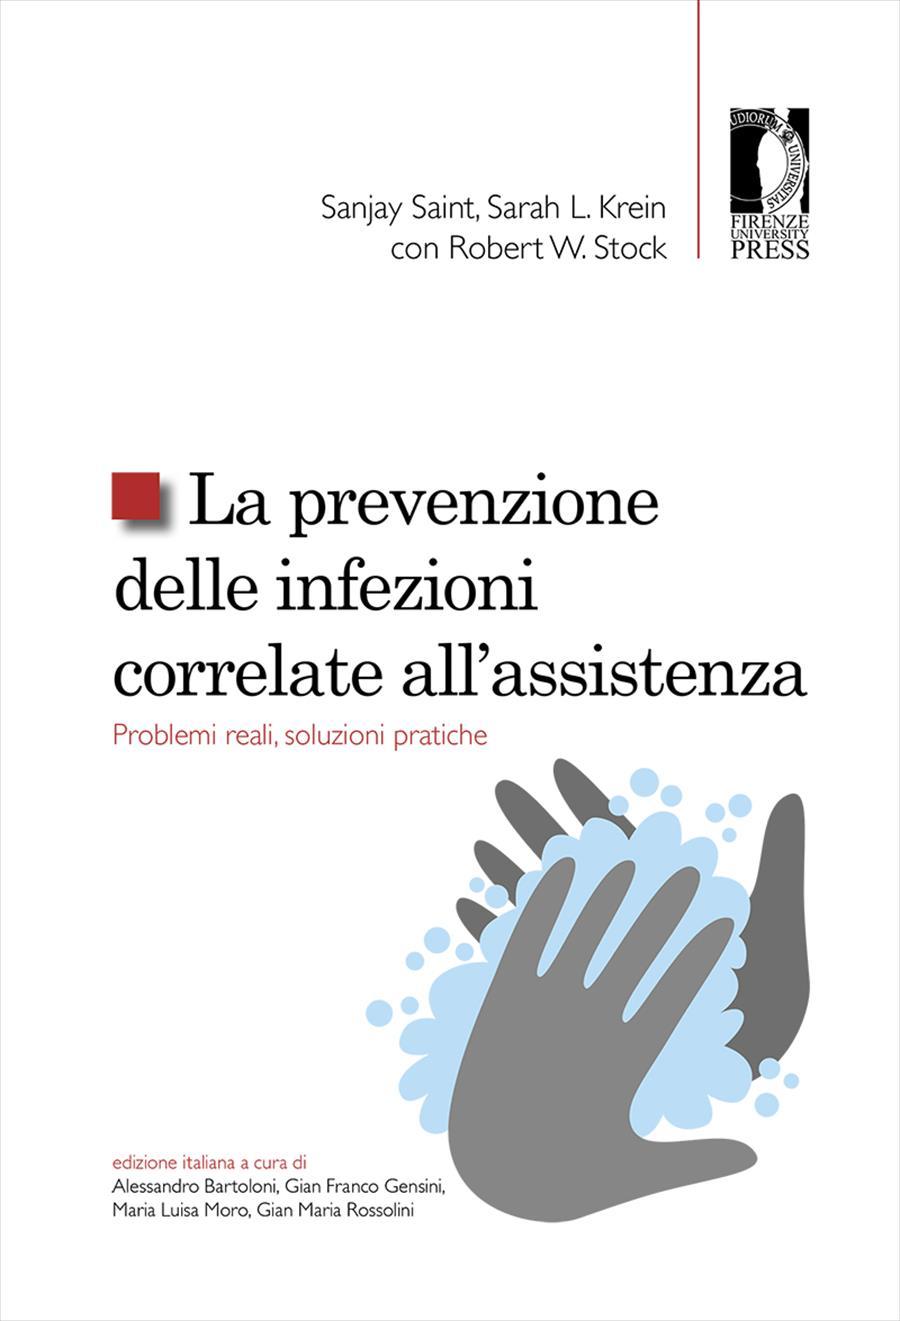 La prevenzione delle infezioni correlate all'assistenza